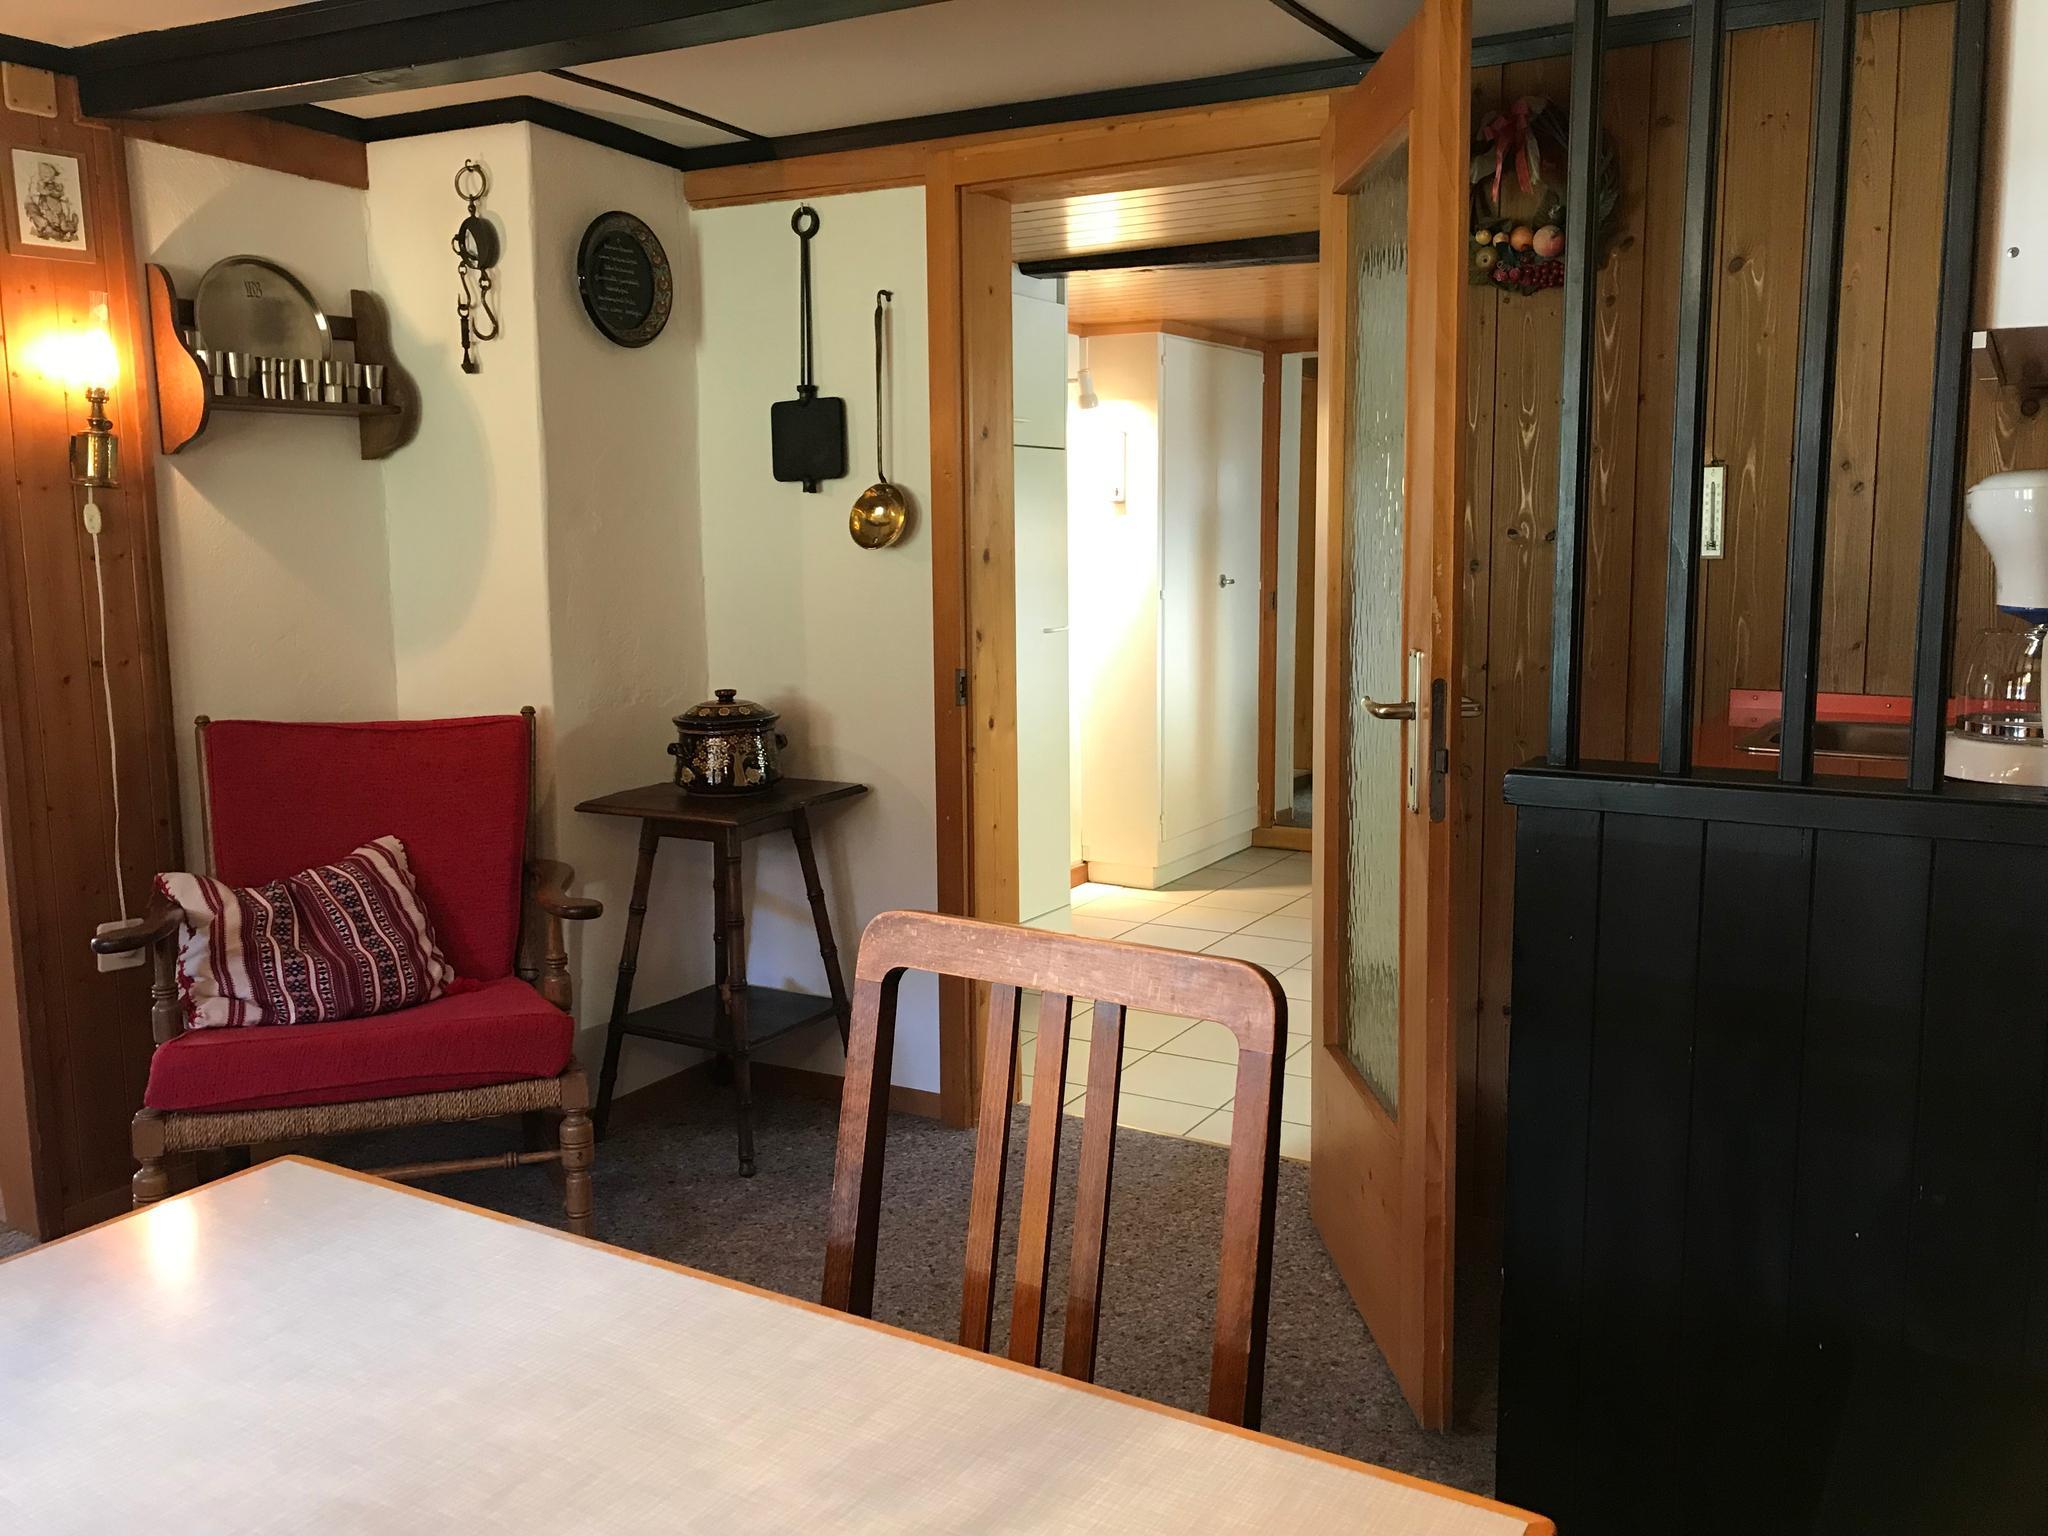 Ferienwohnung Chalet Alpenblick 4-Bett Wohnung Obj. M6008 (2652060), Mürren, Jungfrauregion, Berner Oberland, Schweiz, Bild 12